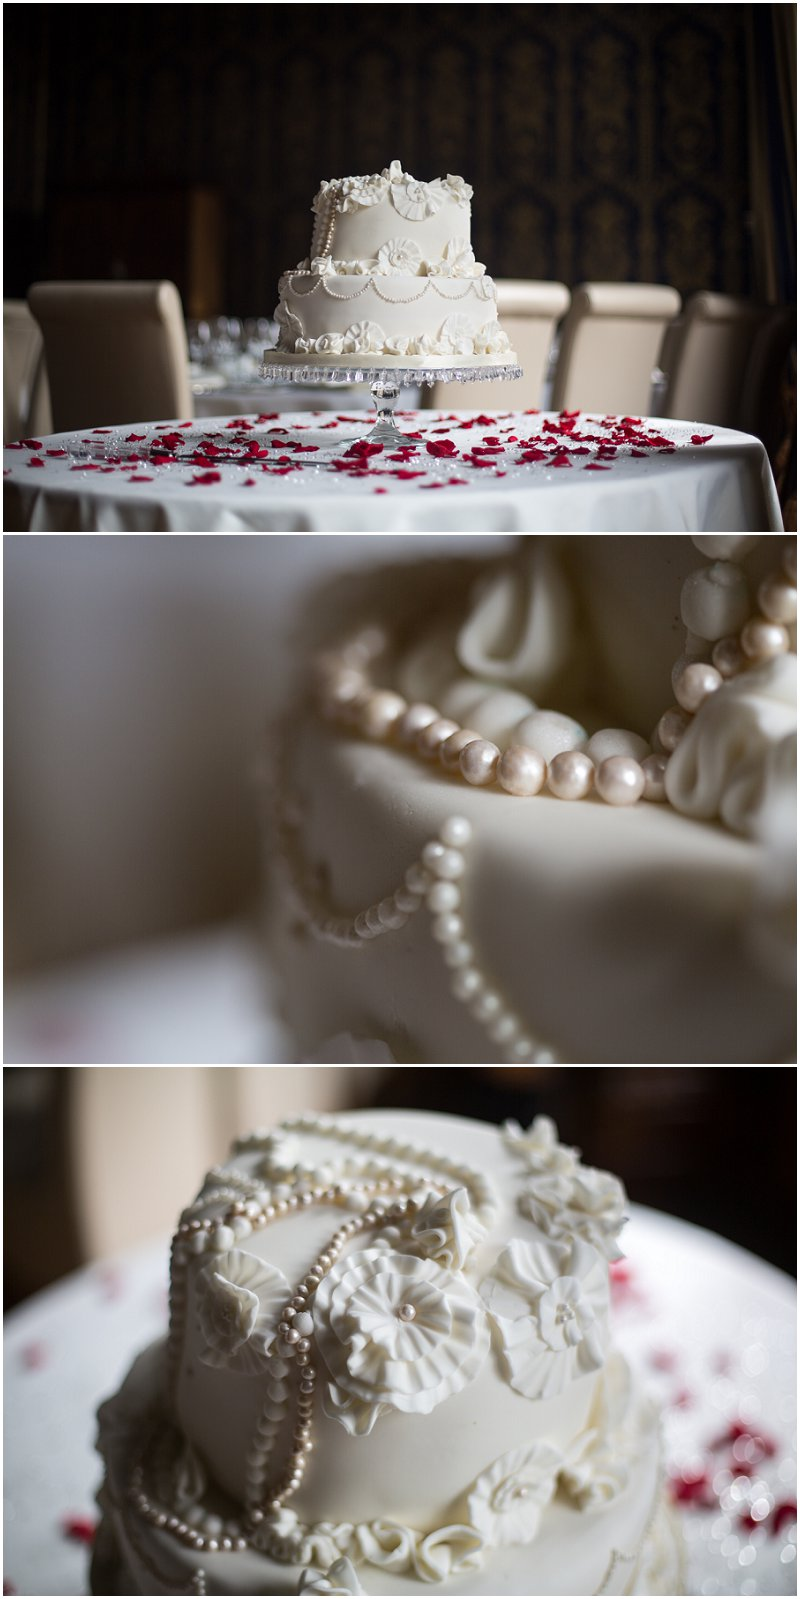 Stunning vintage wedding cake at Soughton Hall